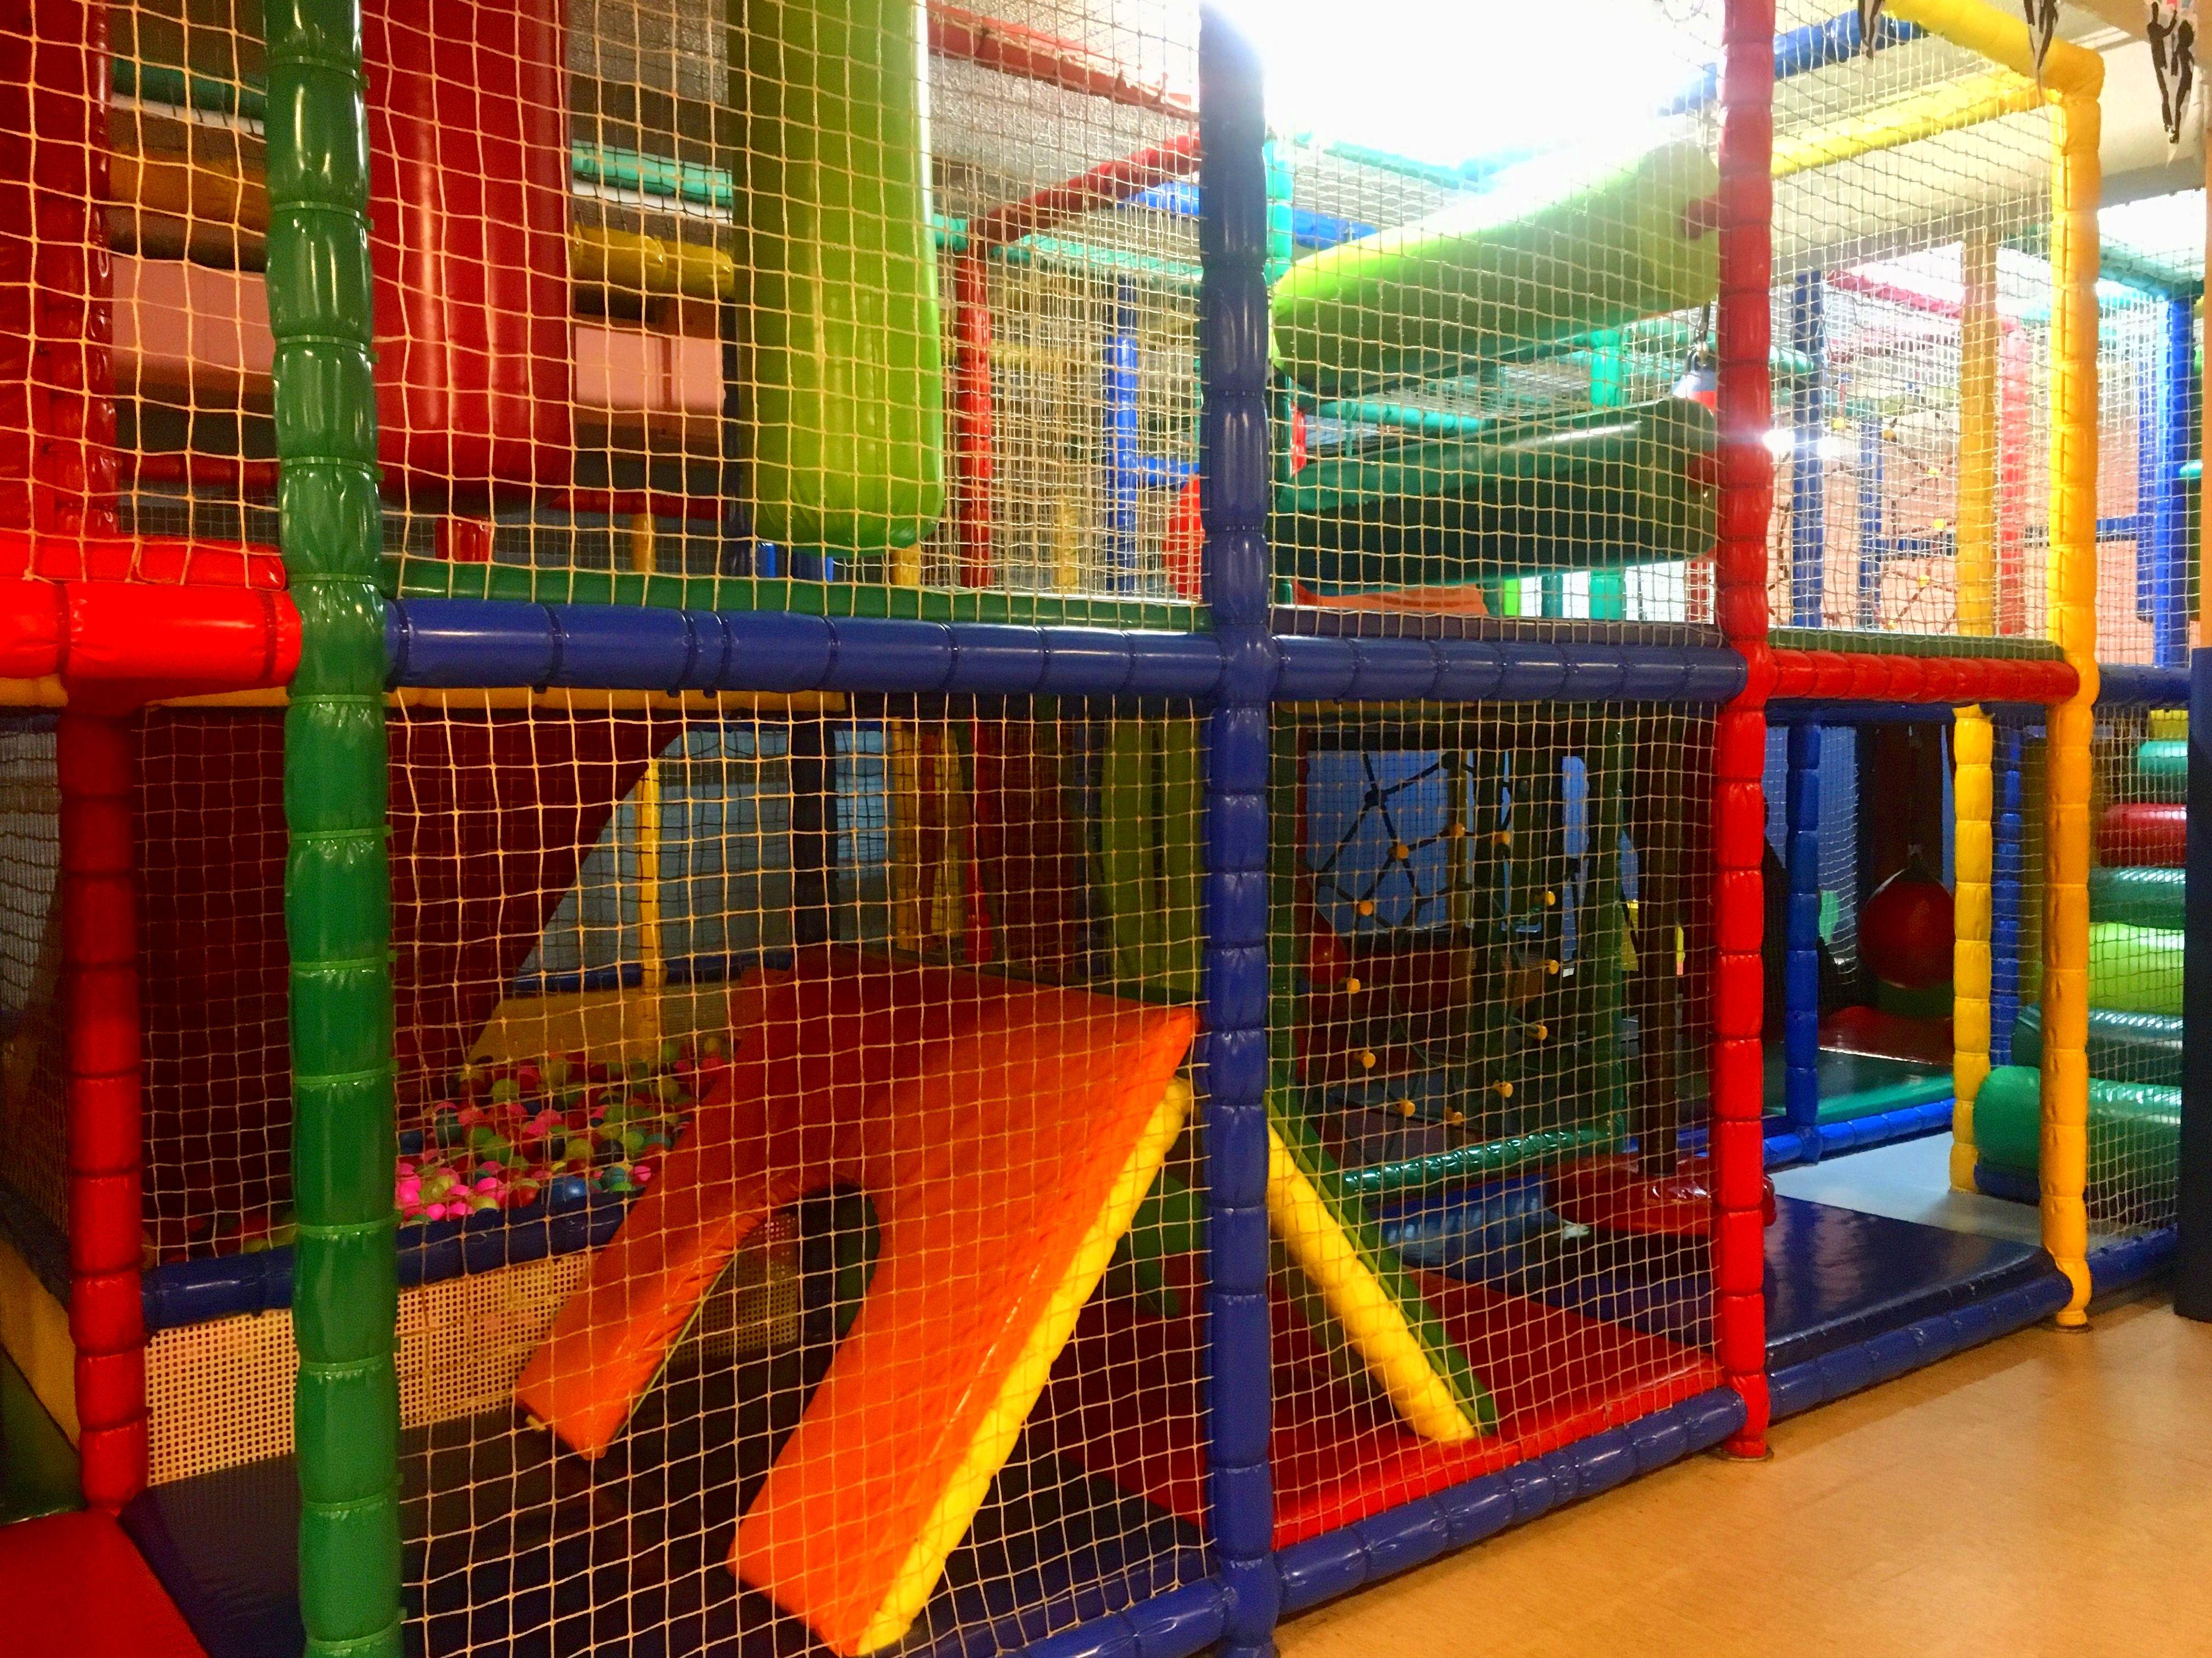 Foto 14 de Parques infantiles en MADRID | AL TROTE ZONA INFANTIL